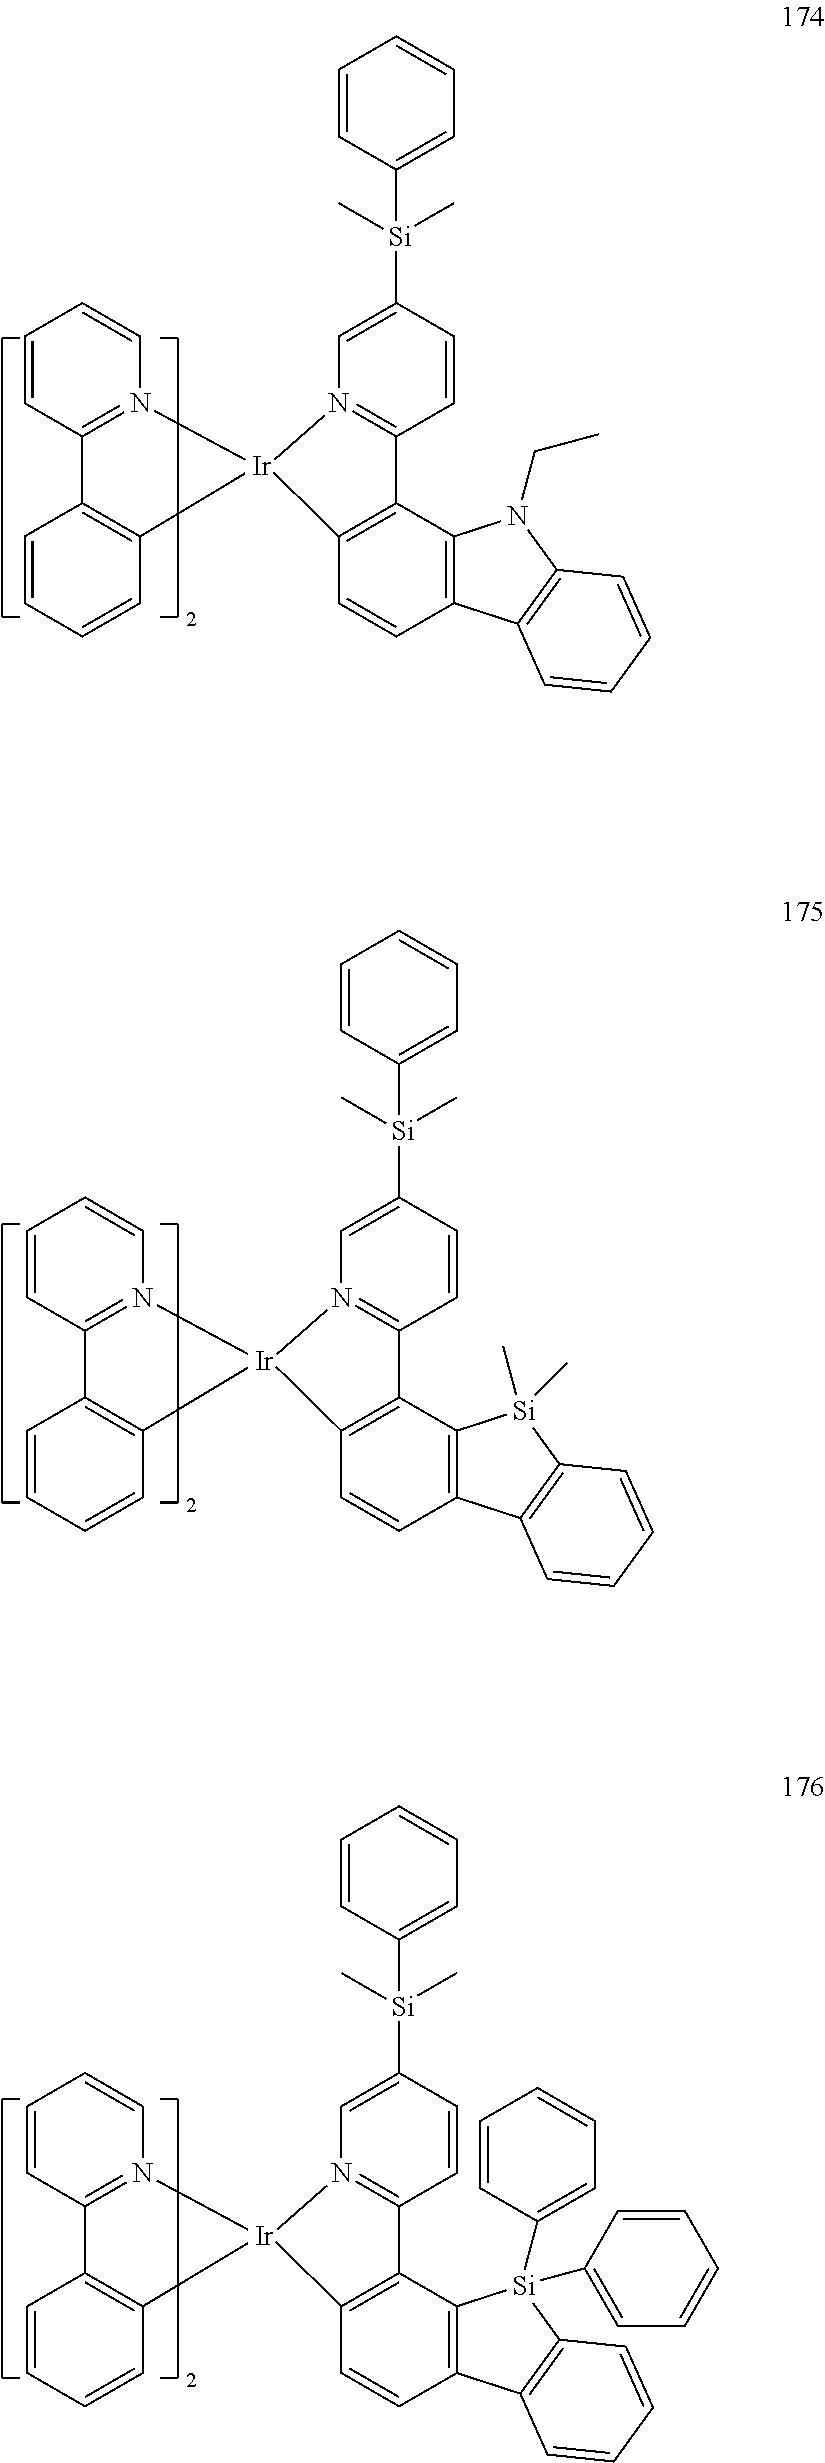 Figure US20160155962A1-20160602-C00111